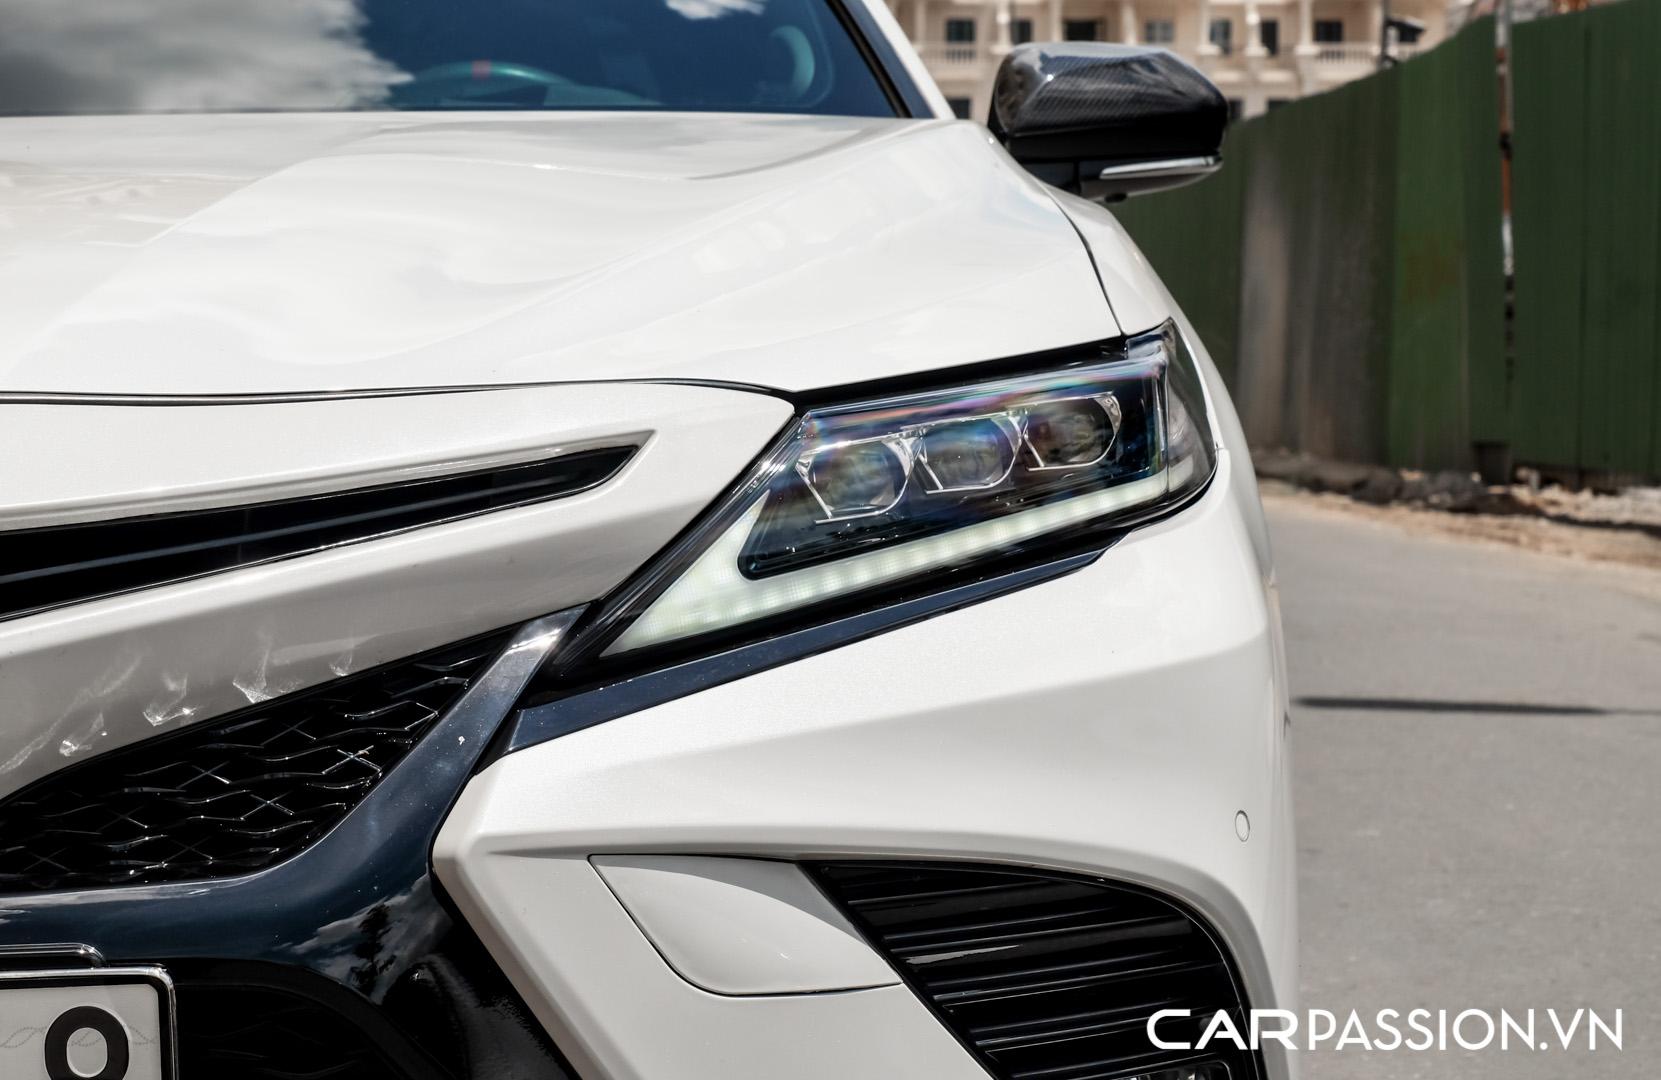 CP-Toyota Camry độ (29).jpg